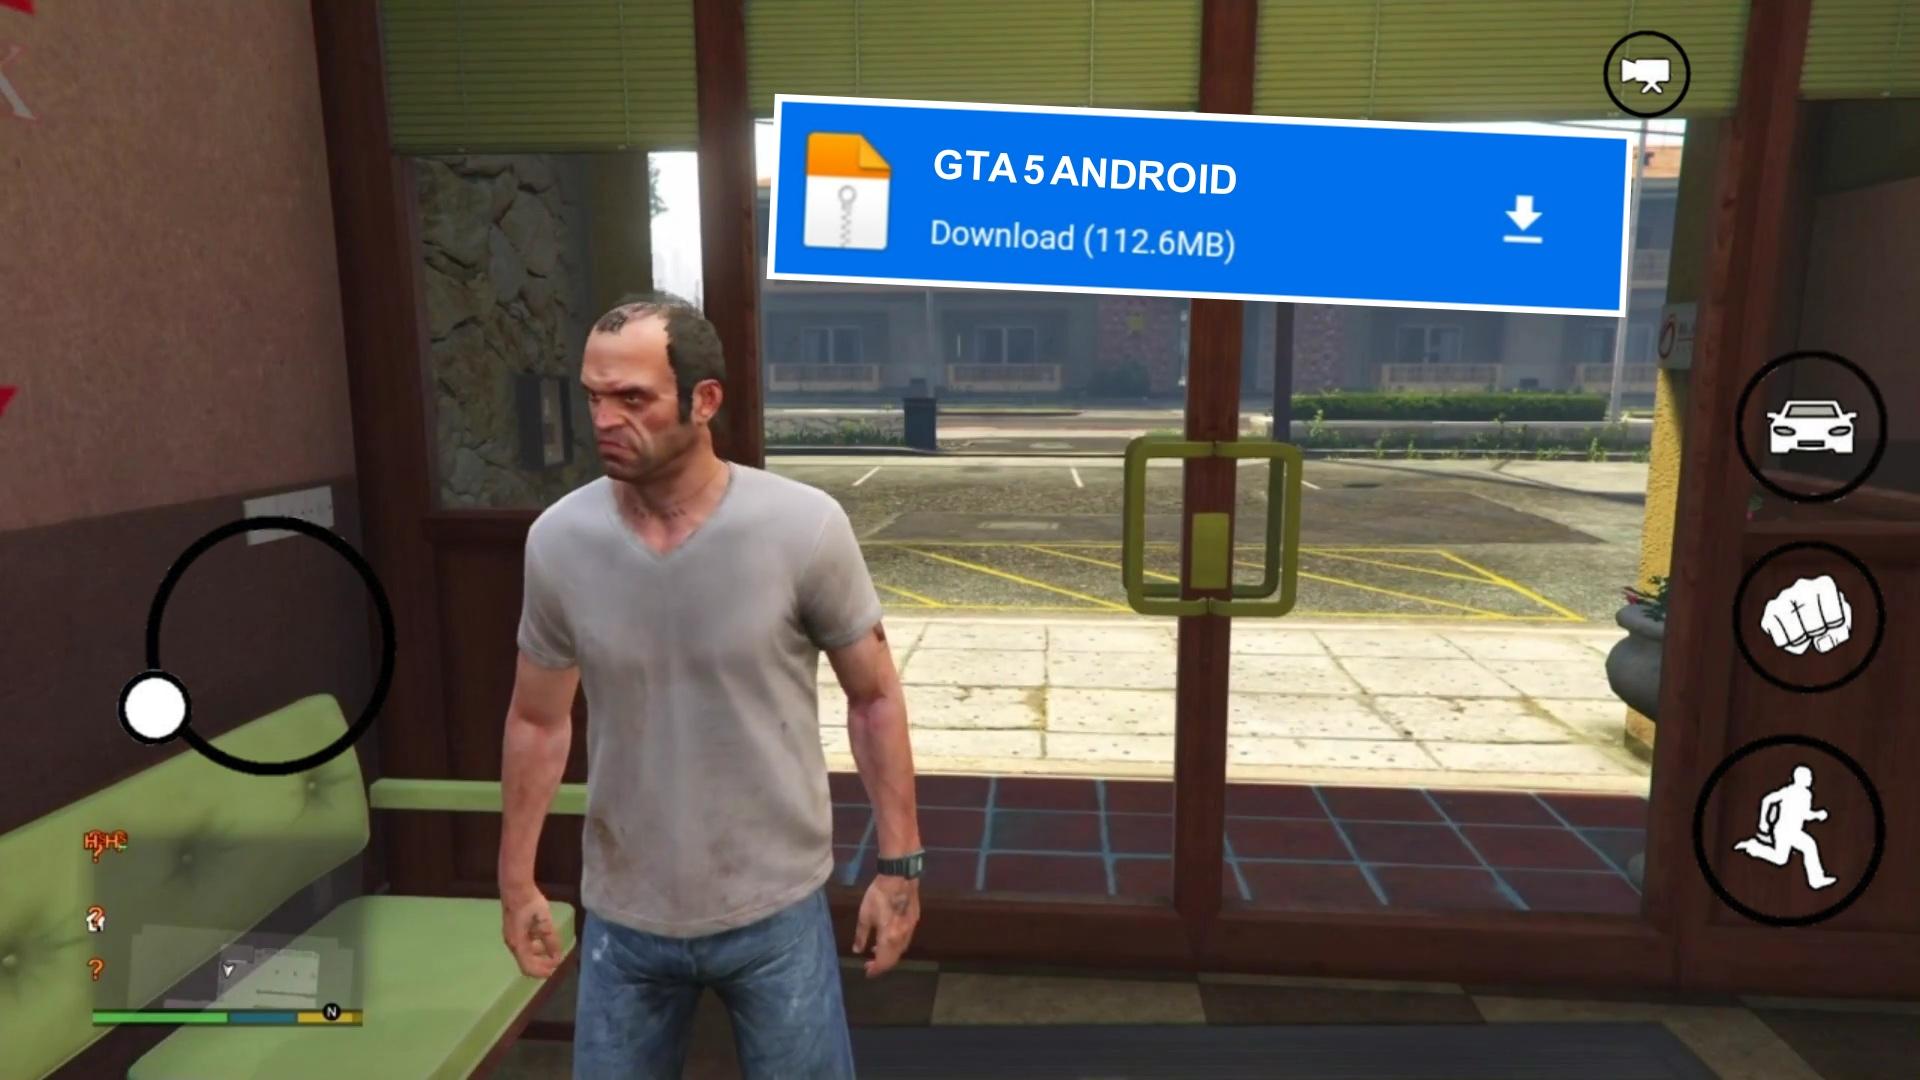 جديد ! تحميل لعبة GTA V الأصلية للأندرويد برابط مباشر مع طريقة تخطي الاعلان | GTA V APK